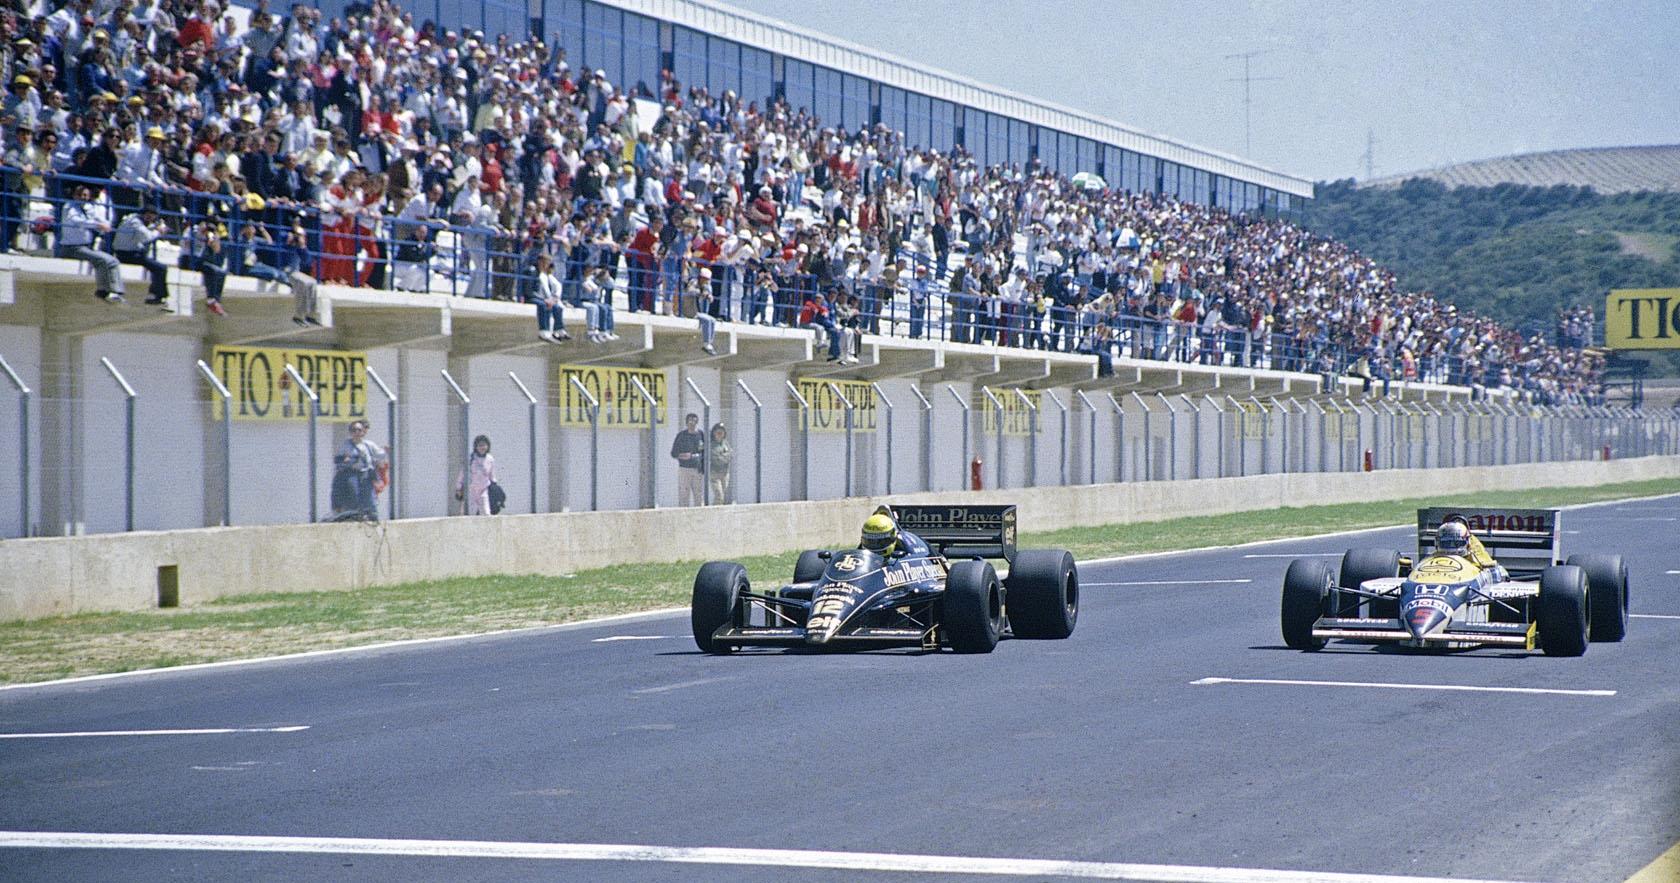 Ayrton Senna (Lotus) i Nigel Mansell (Williams) u borbi za pobjedu na VN Španjolske 1986., prvoj održanoj na stazi Jerez. Brazilac je slavio s prednošću od samo 14 tisućinki sekunde ispred Britanca. (13.4.1986.) Foto: Williams